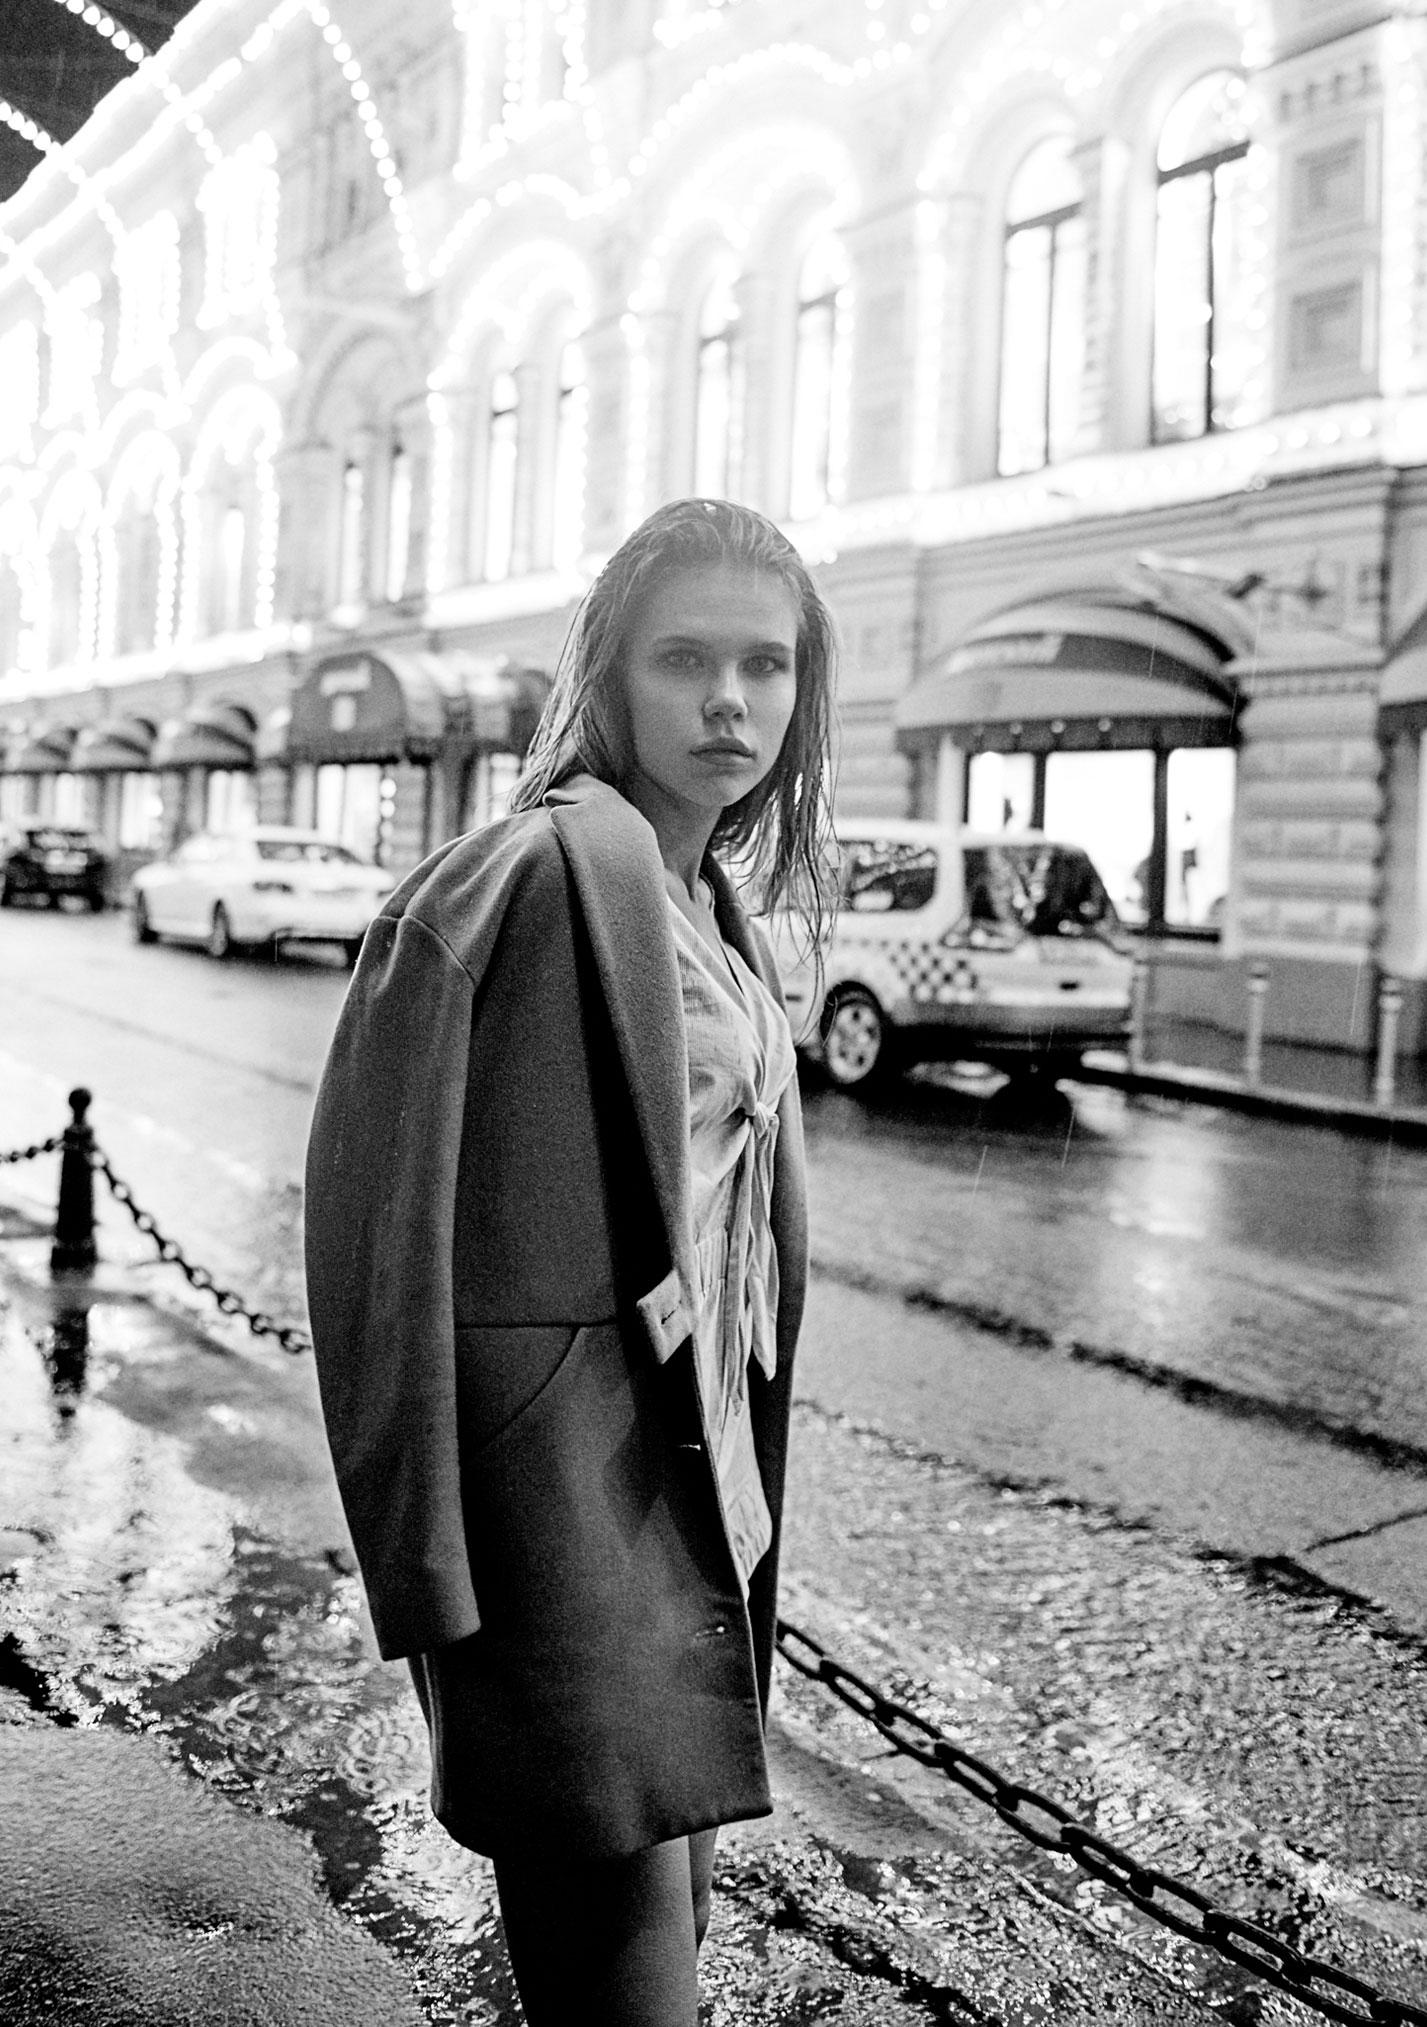 Настасья Волконская гуляет по ночному городу / фото 10